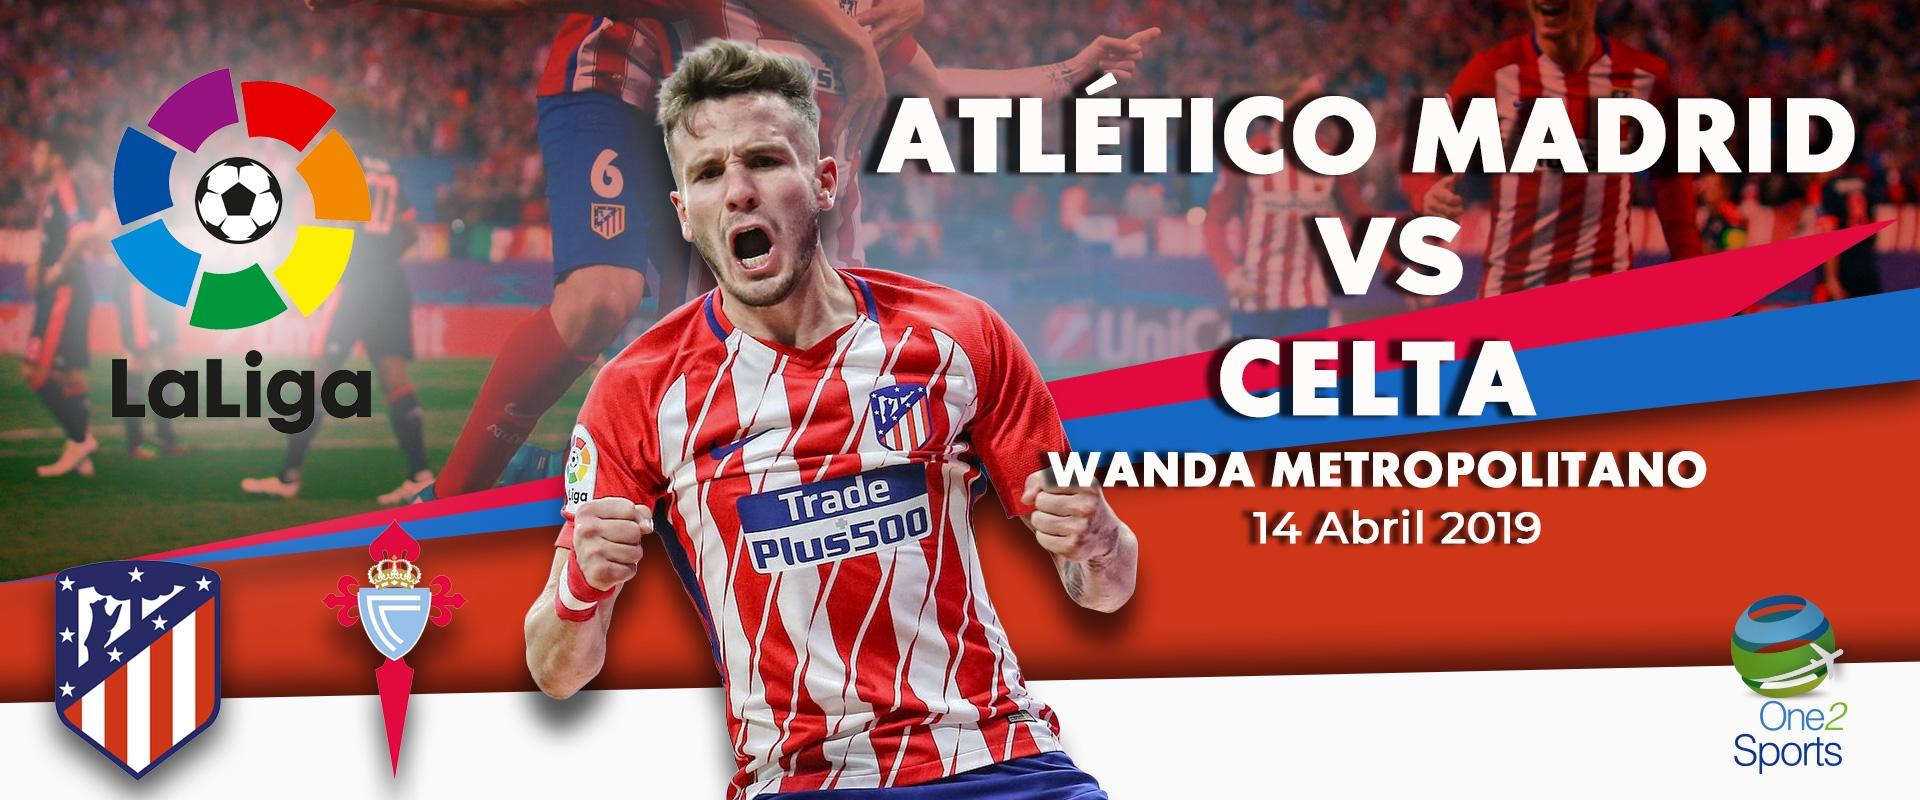 Atlético Madrid vs Celta